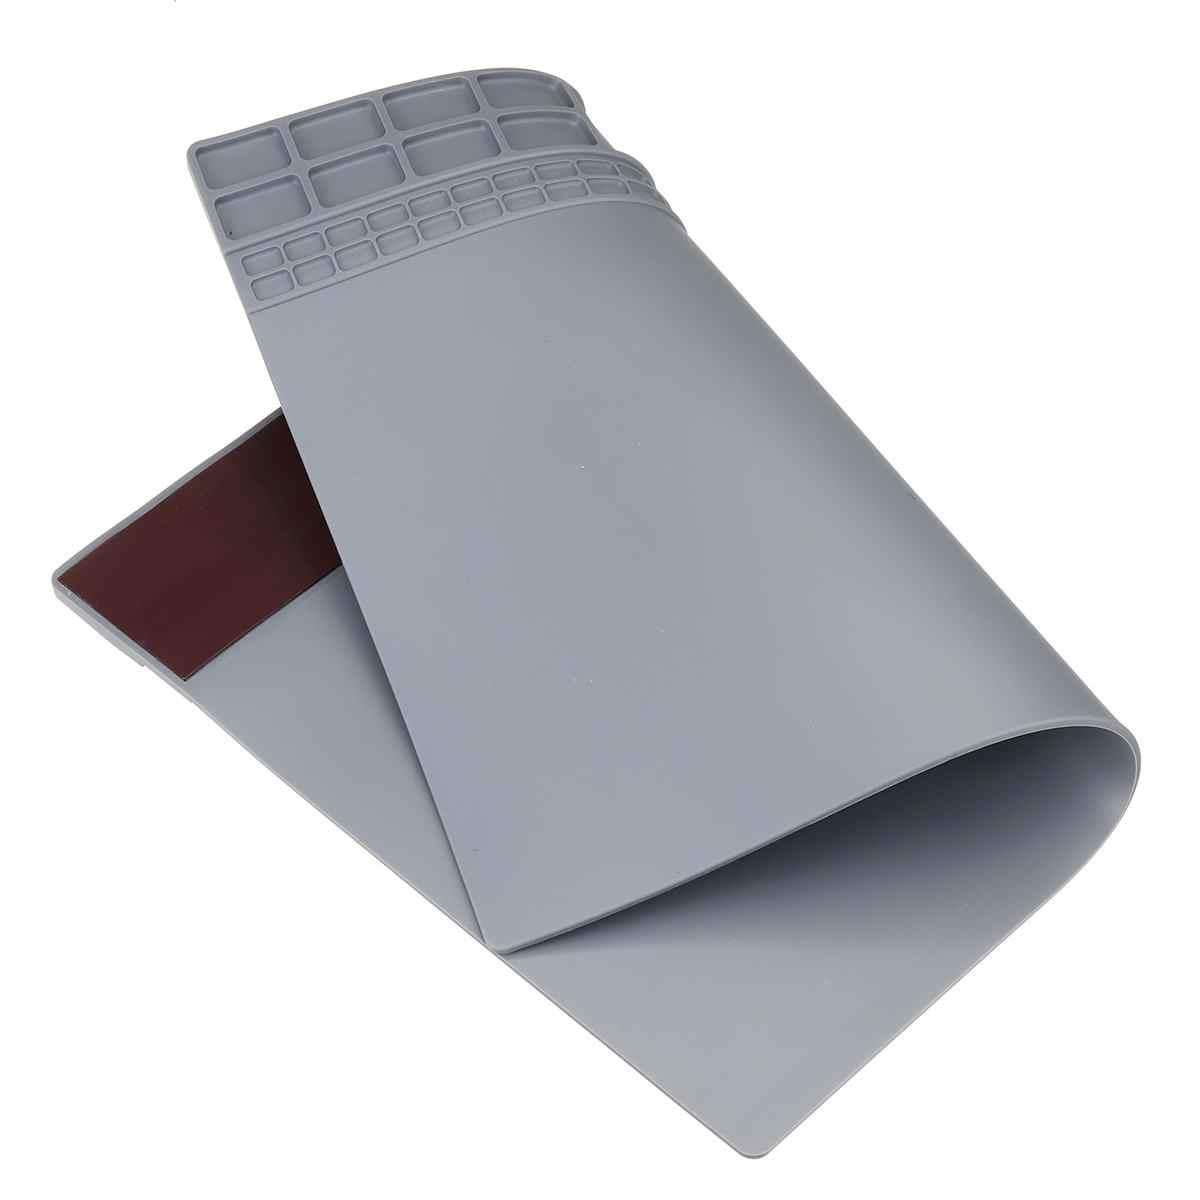 수리 패드 절연 내열성 납땜 스테이션 실리콘 납땜 매트 작업 패드 데스크 플랫폼 납땜 수리 스테이션